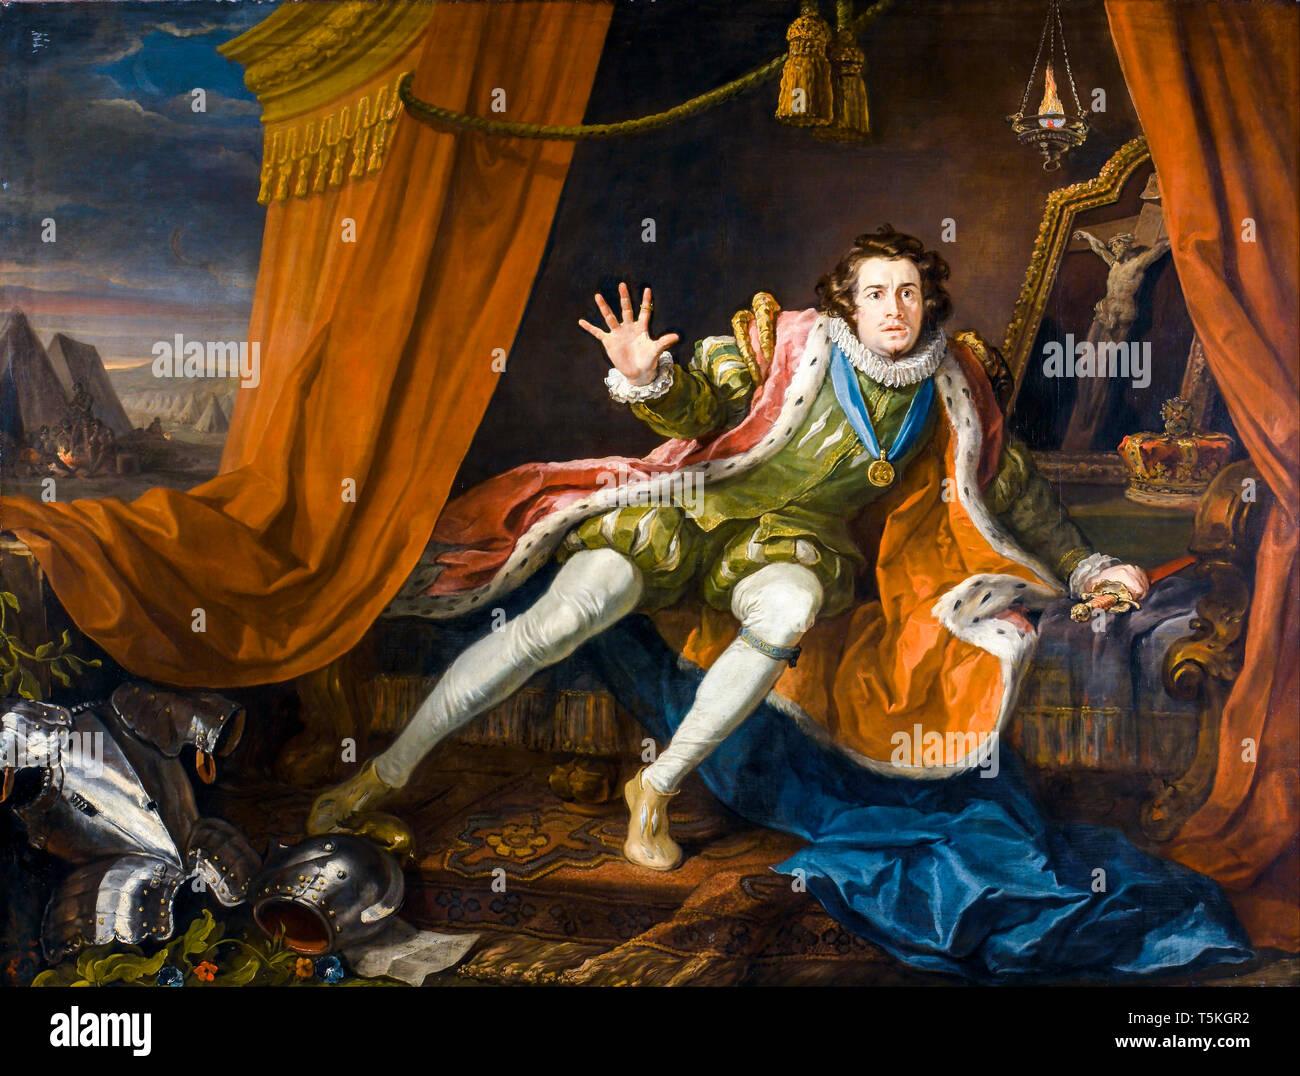 William Hogarth, David Garrick as Richard III, painting, c. 1745 Stock Photo